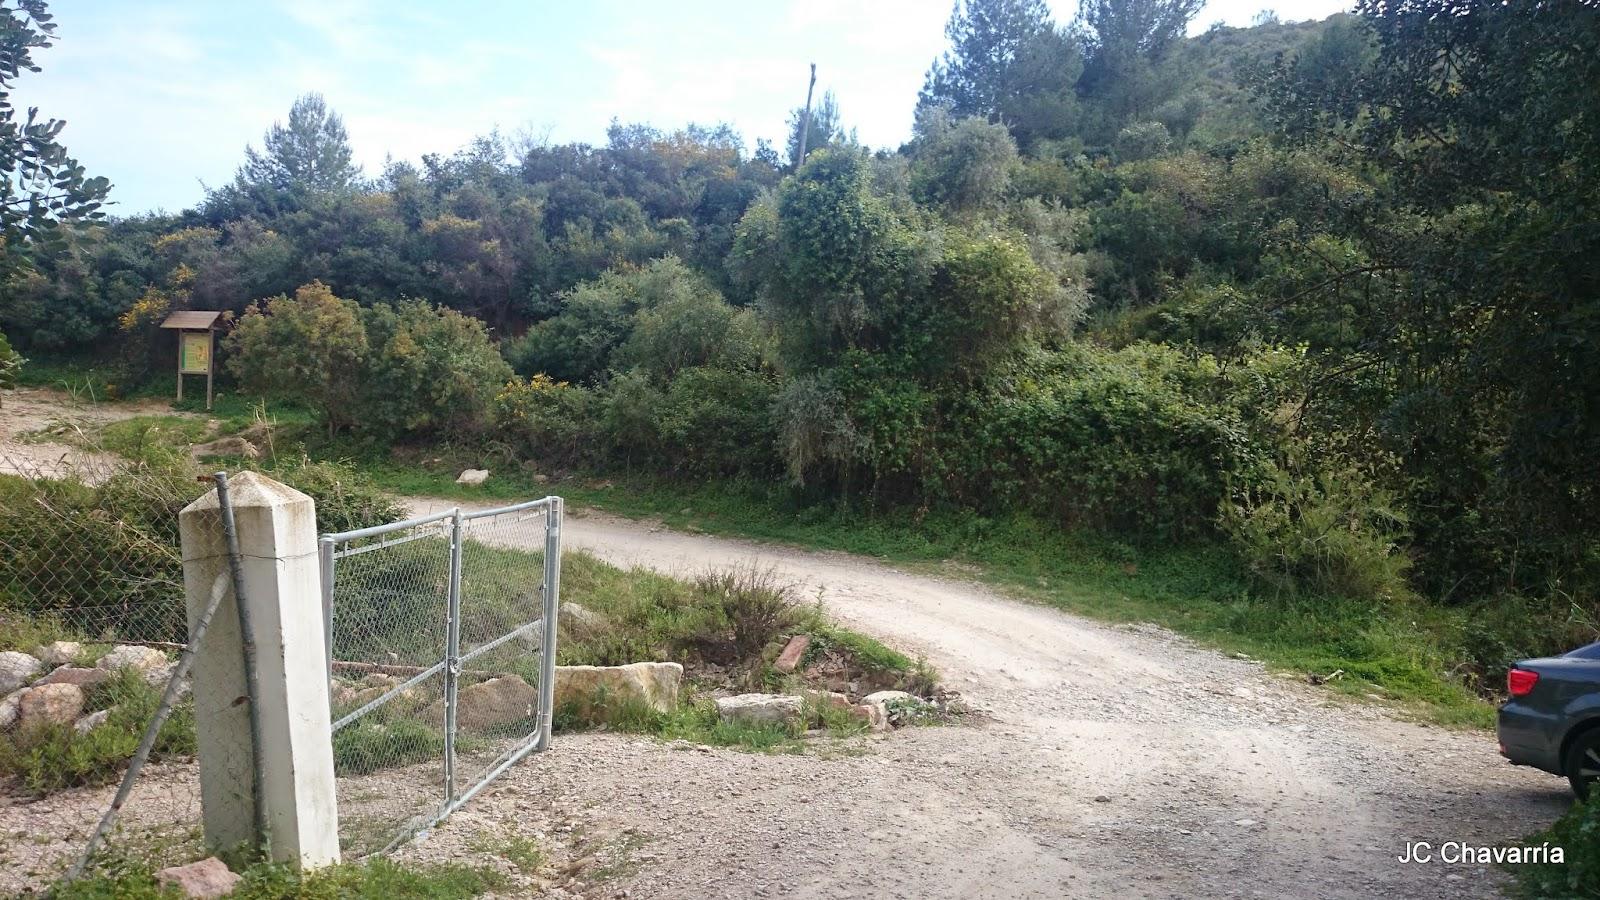 Los Baños Romano La Hedionda:Inicio de la Ruta del Canuto de la Utrera